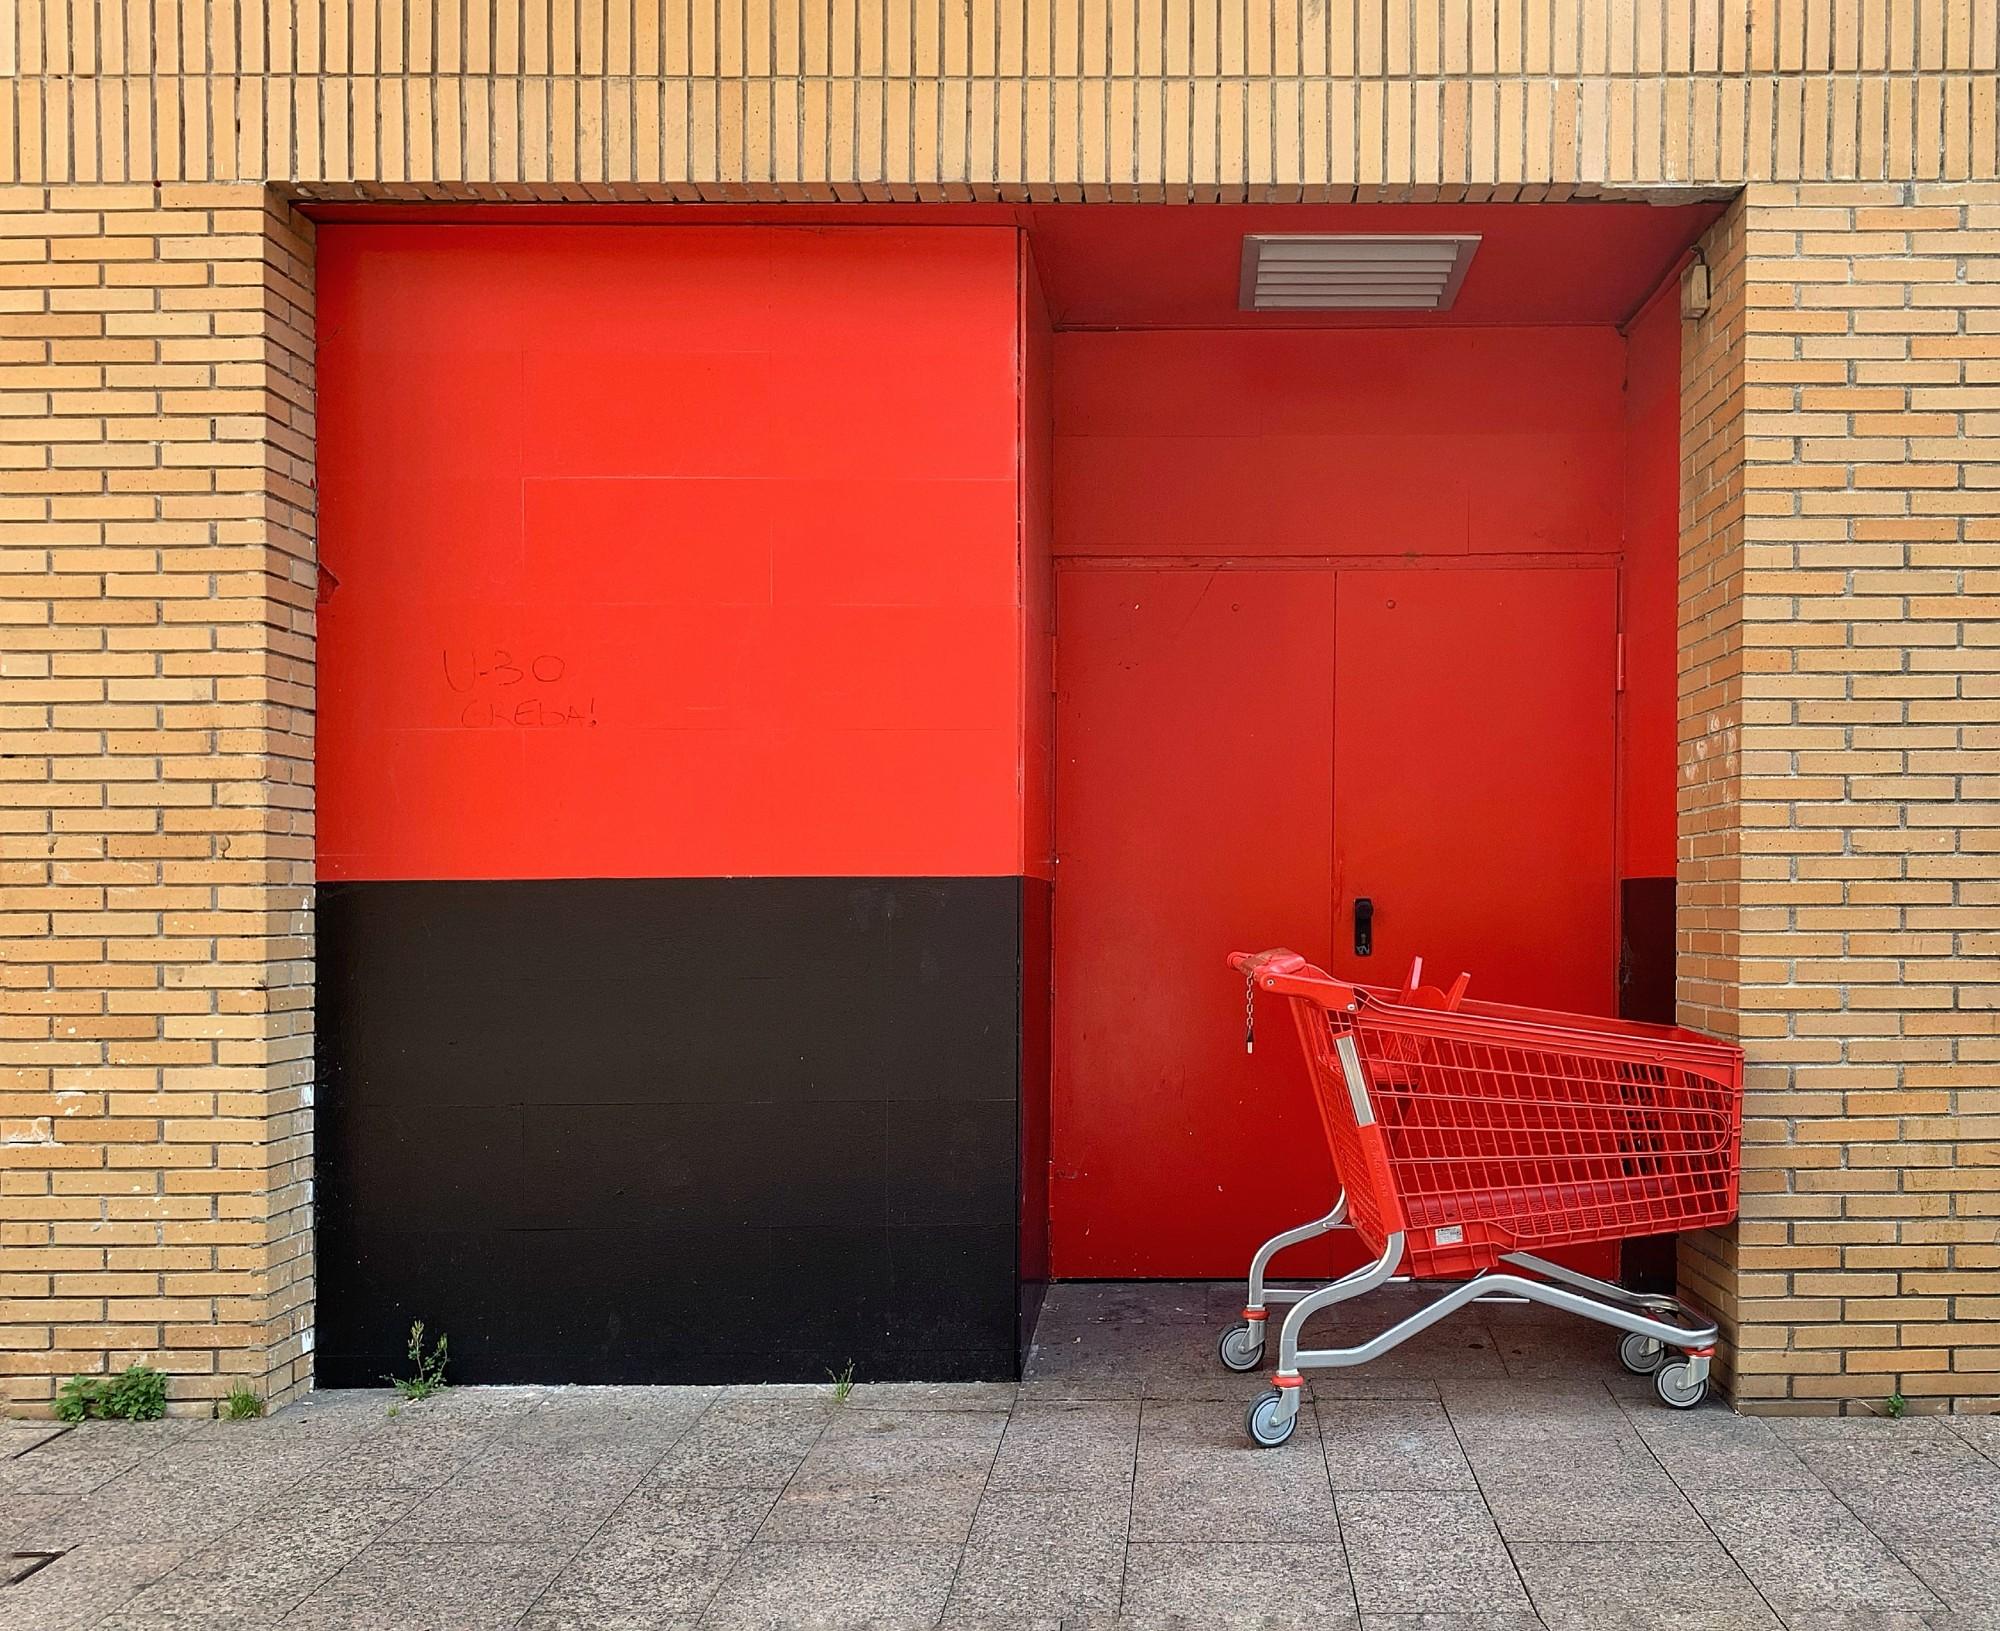 Una foto al día, el proyecto de Alberto Cimarro.